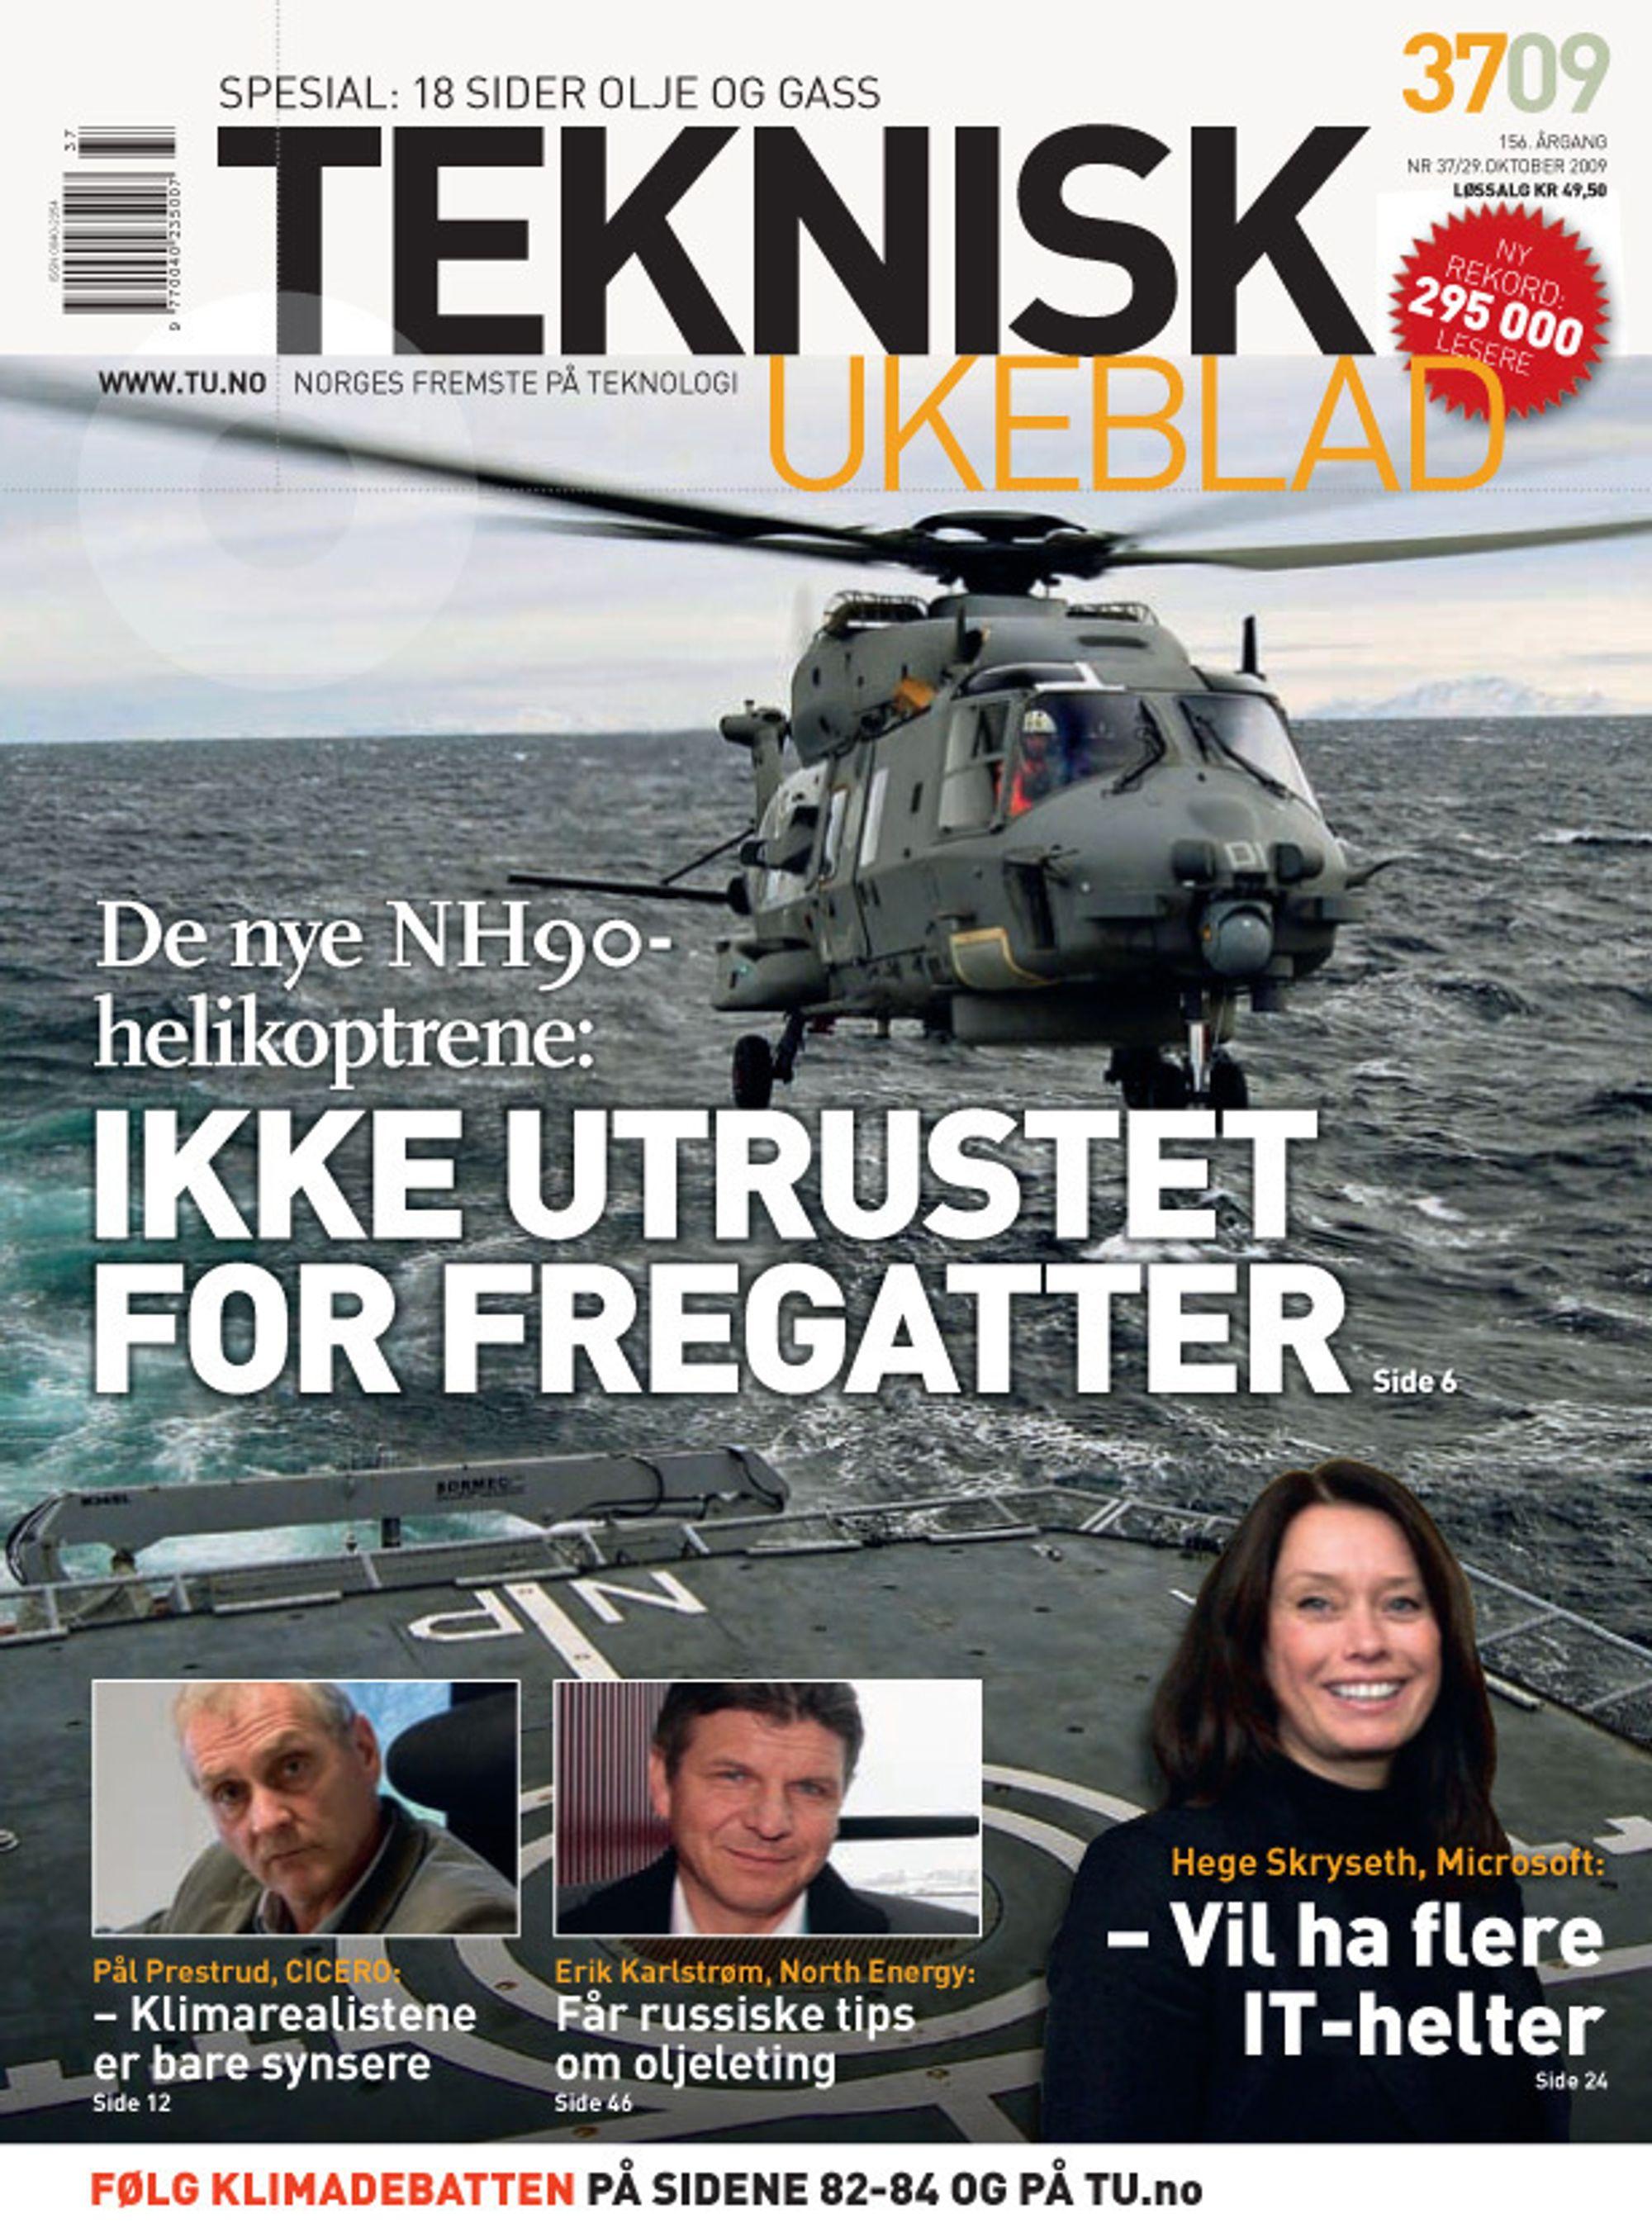 Teknisk Ukeblad - 3709